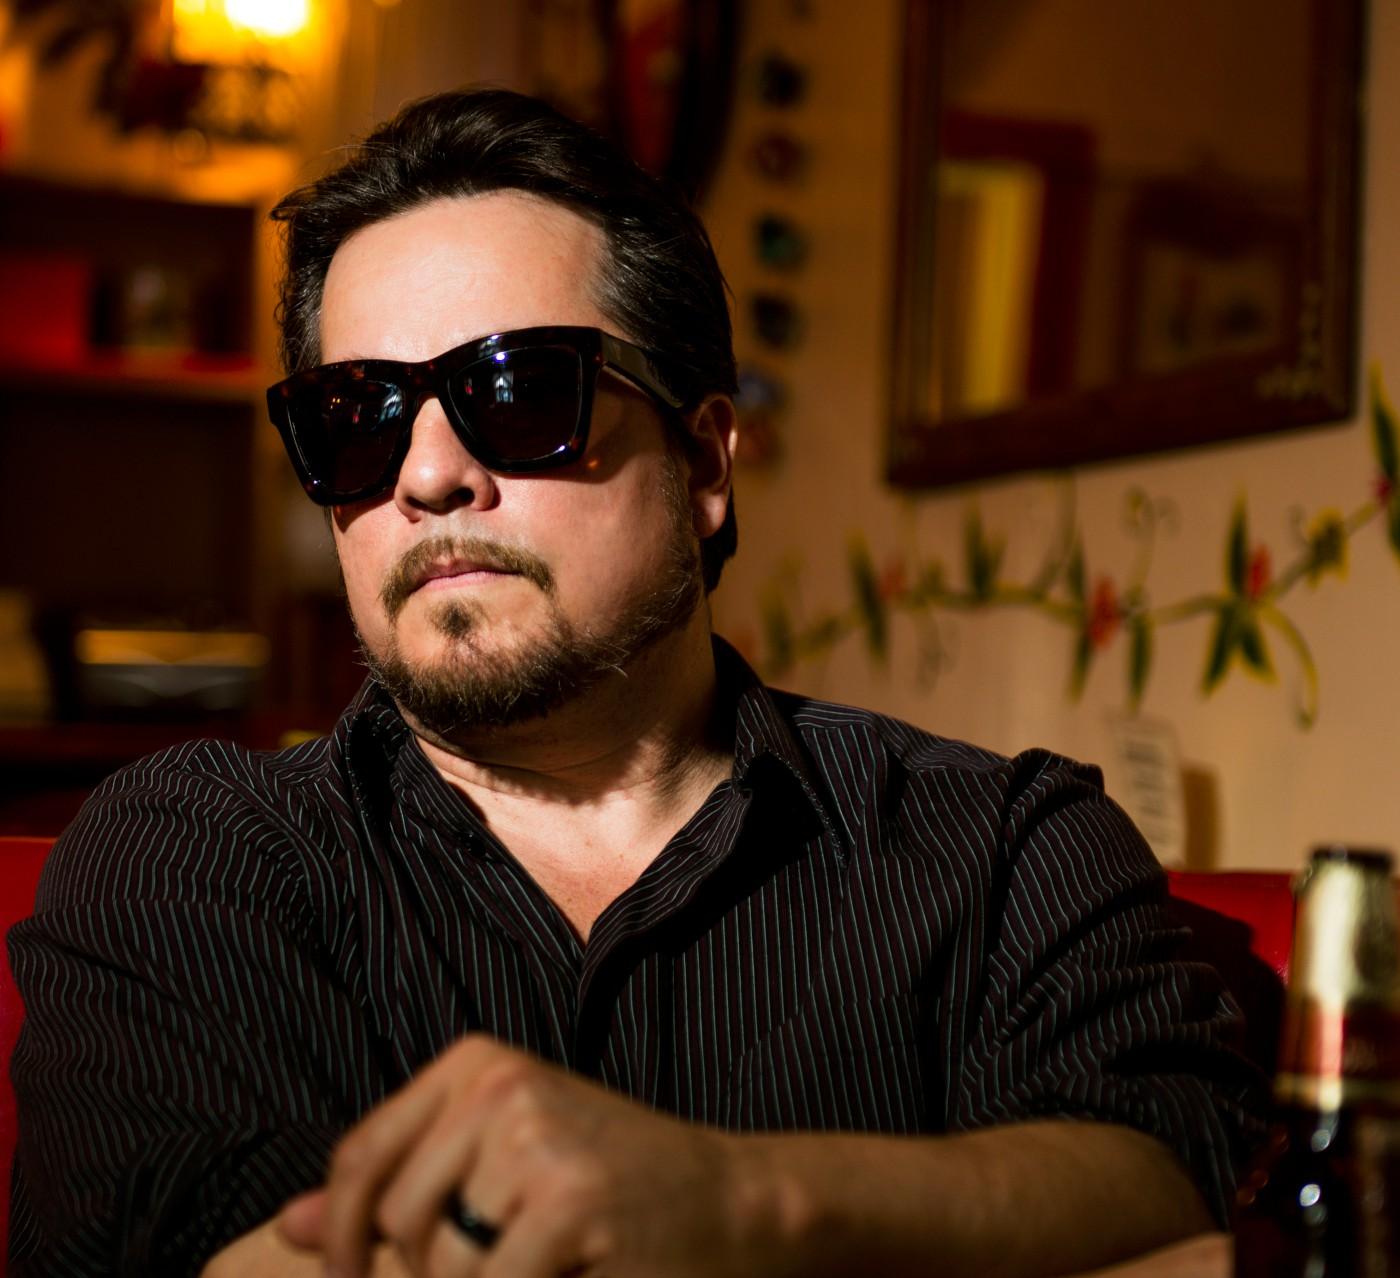 Mr. Garcia.